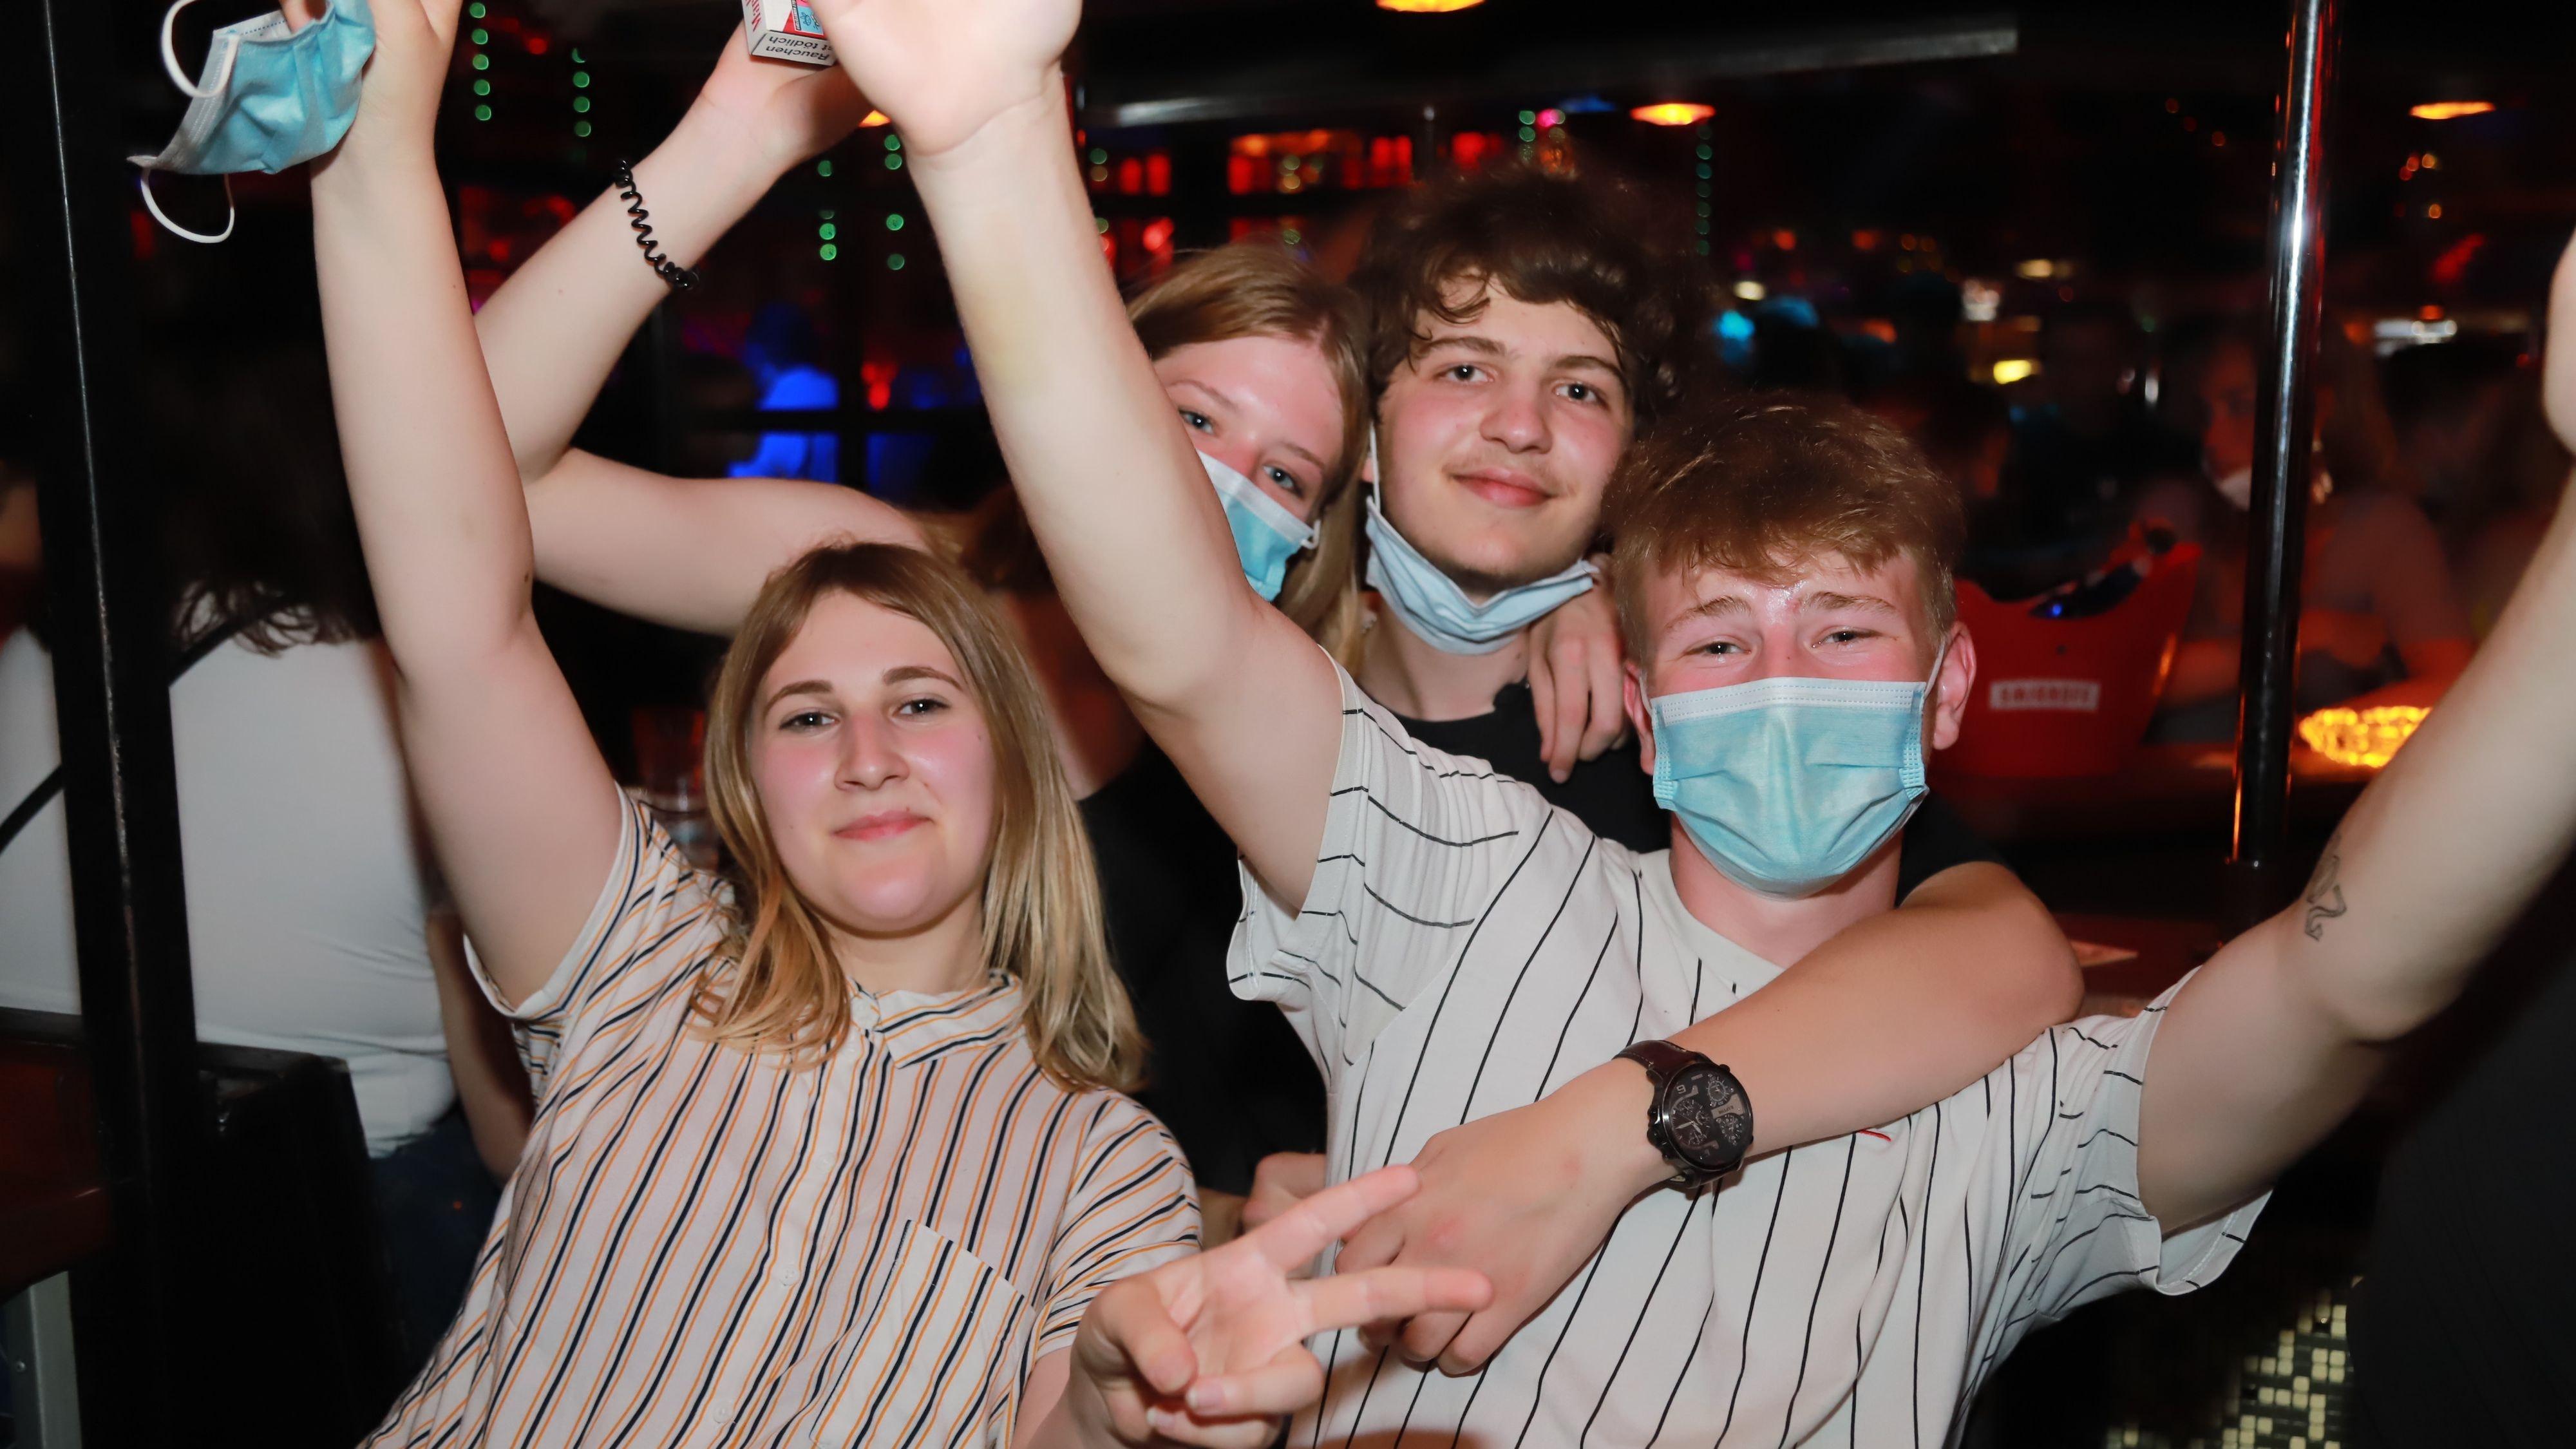 Endlich wieder Party:Nach 15 Monaten öffnet die Disco in Tange wieder ihre Tore. Genau 999 Jugendliche und junge Erwachsene freuen sich, wieder tanzen und feiern zu können. Fotos: Passmann